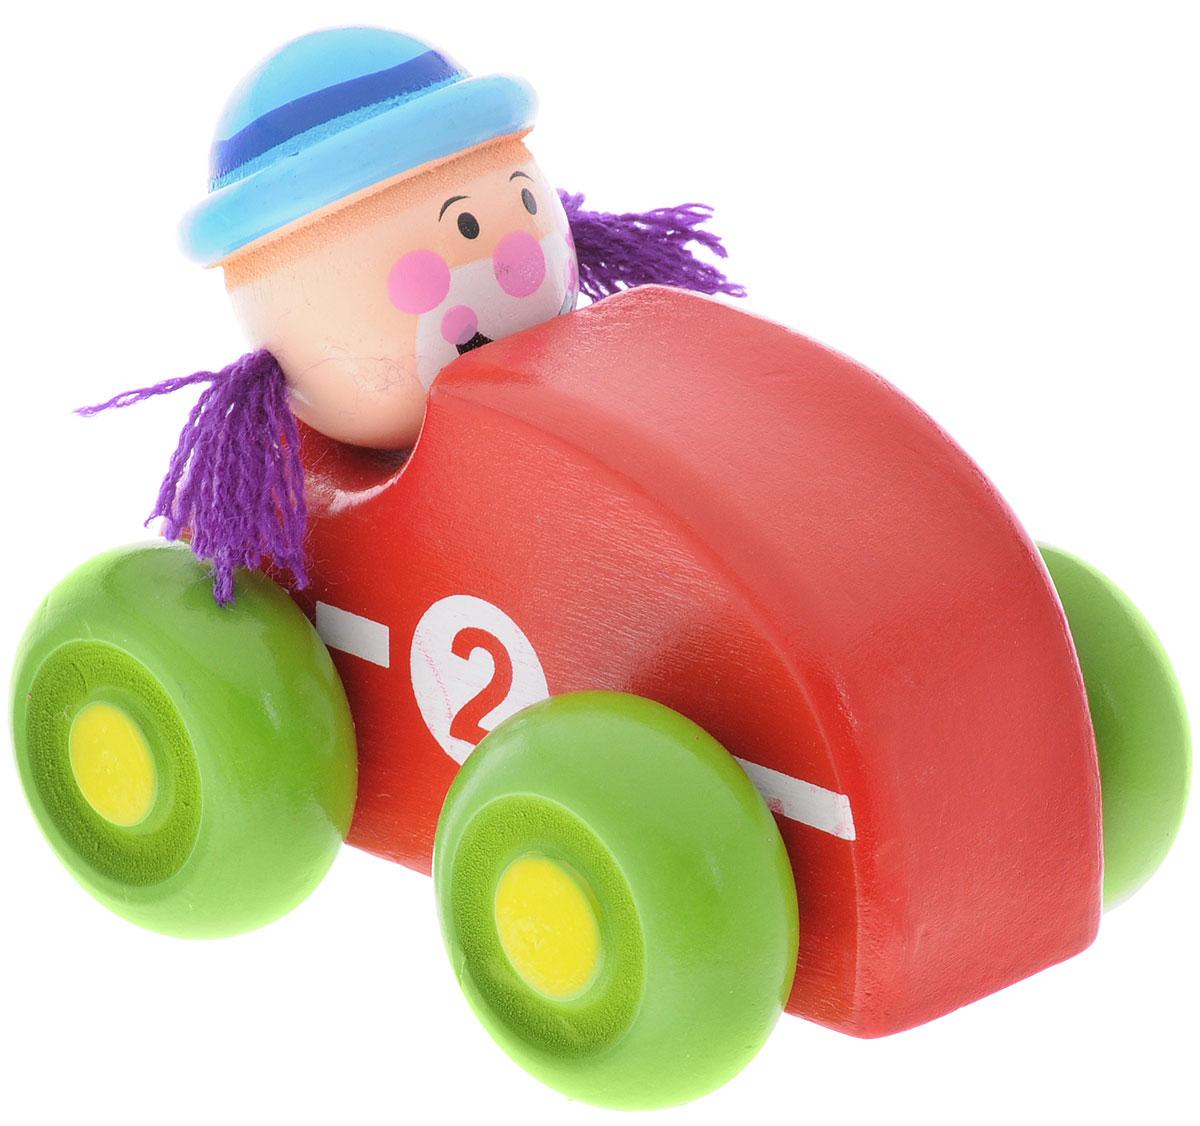 Mapacha Машинка Клоун красный76539_красныйМашинка Mapacha Клоун привлечет внимание вашего малыша. Яркая игрушка выполнена из экологически чистого дерева, выкрашенного нетоксичными красками, и представляет собой машинку с водителем. Колеса машинки свободно крутятся, благодаря чему малыш сможет катать игрушку. Сваи с колесами можно двигать из стороны в сторону. Машинка Mapacha Клоун способствует развитию у ребенка пространственного мышления, координации движений, воображения и мелкой моторики рук.